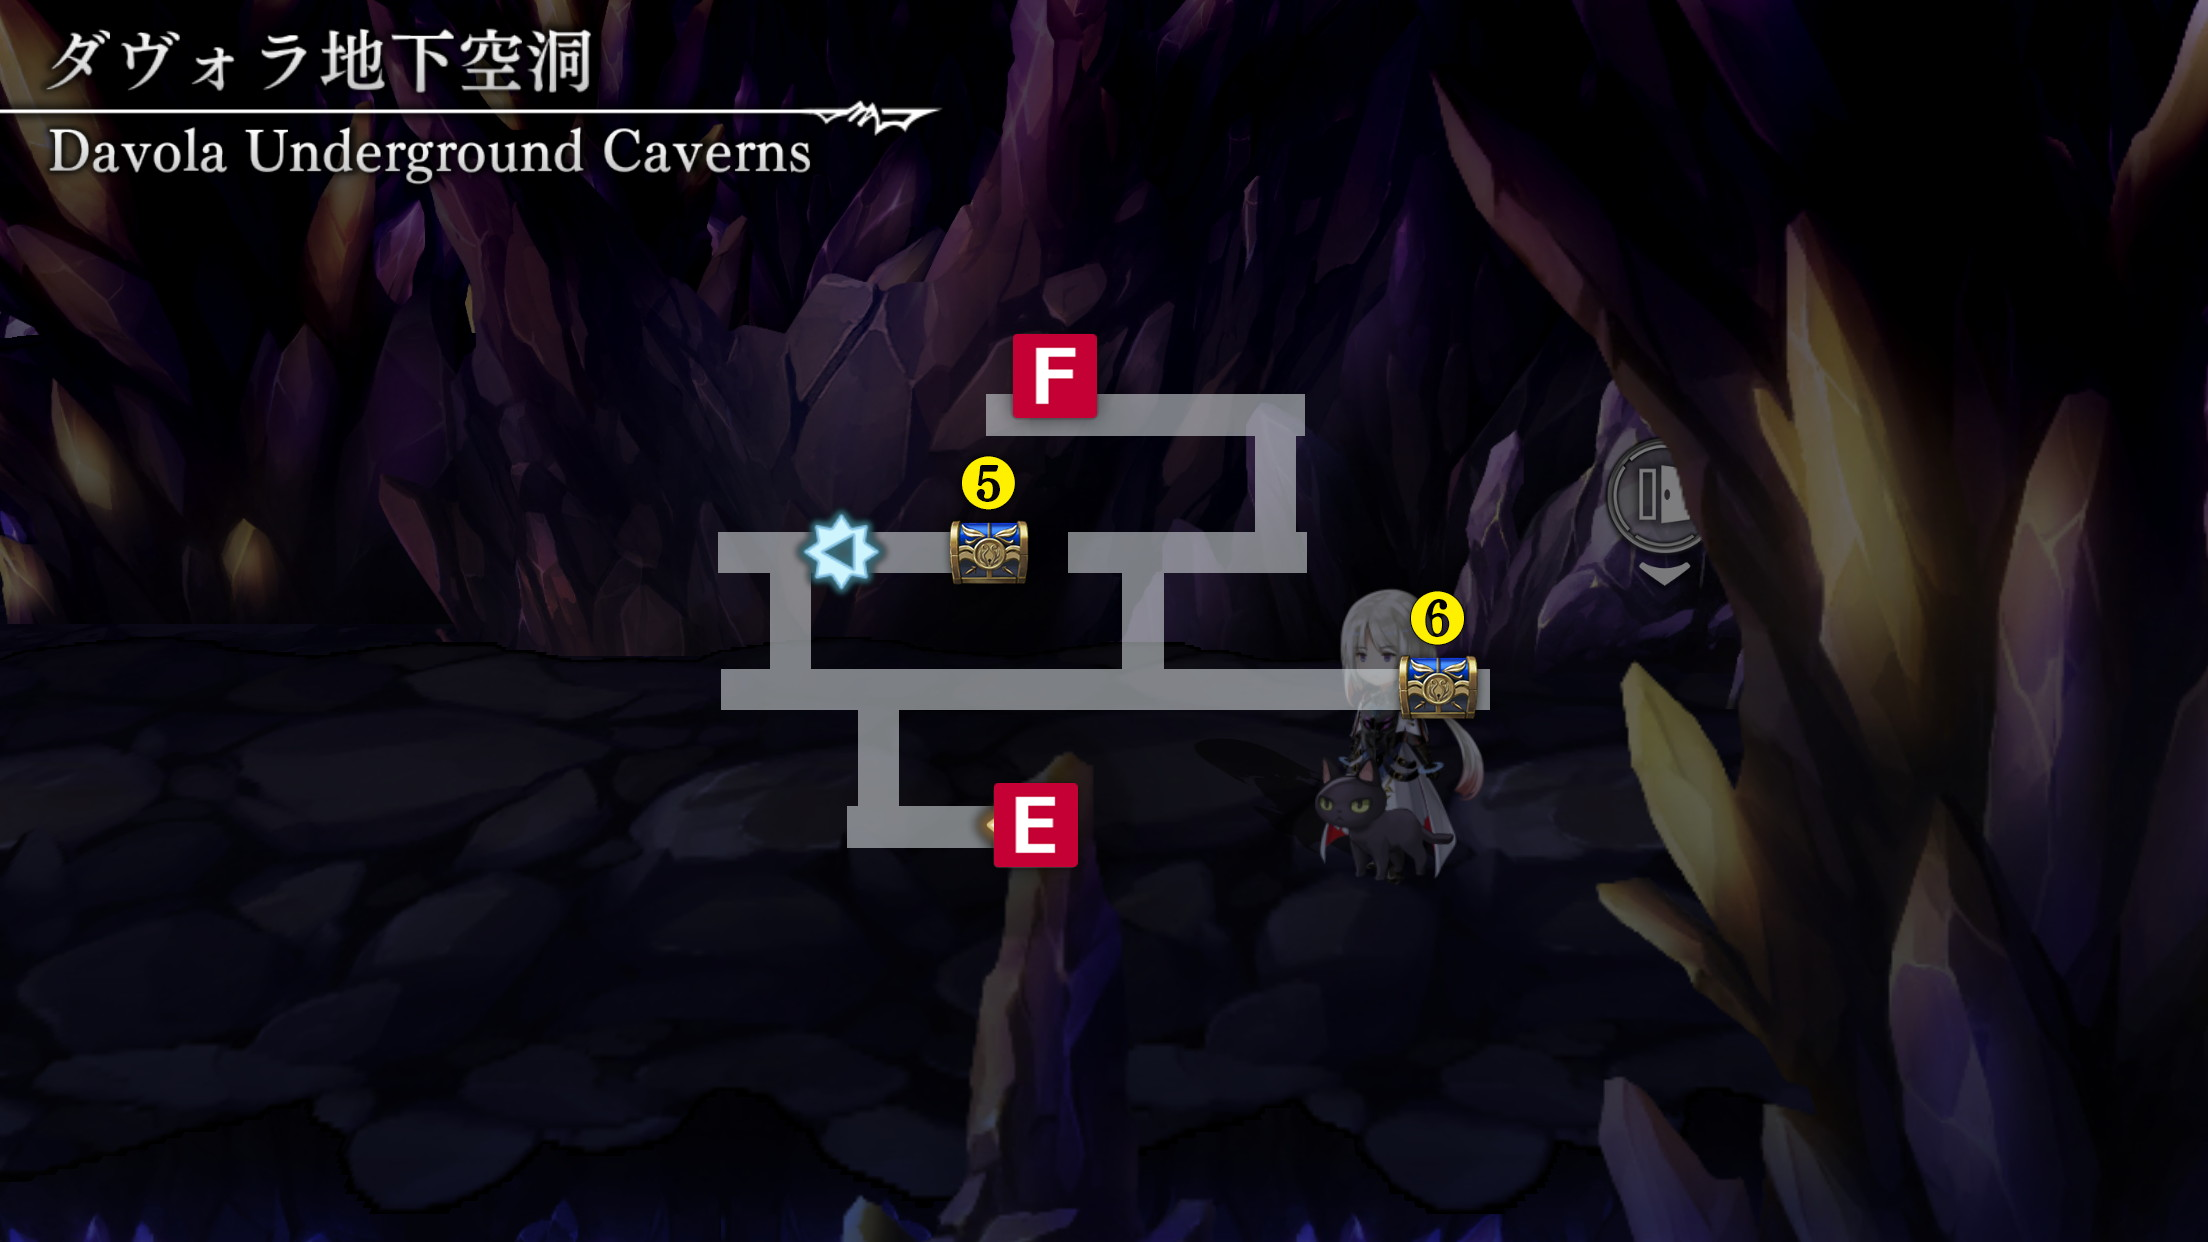 ダヴォラ地下空洞マップ6